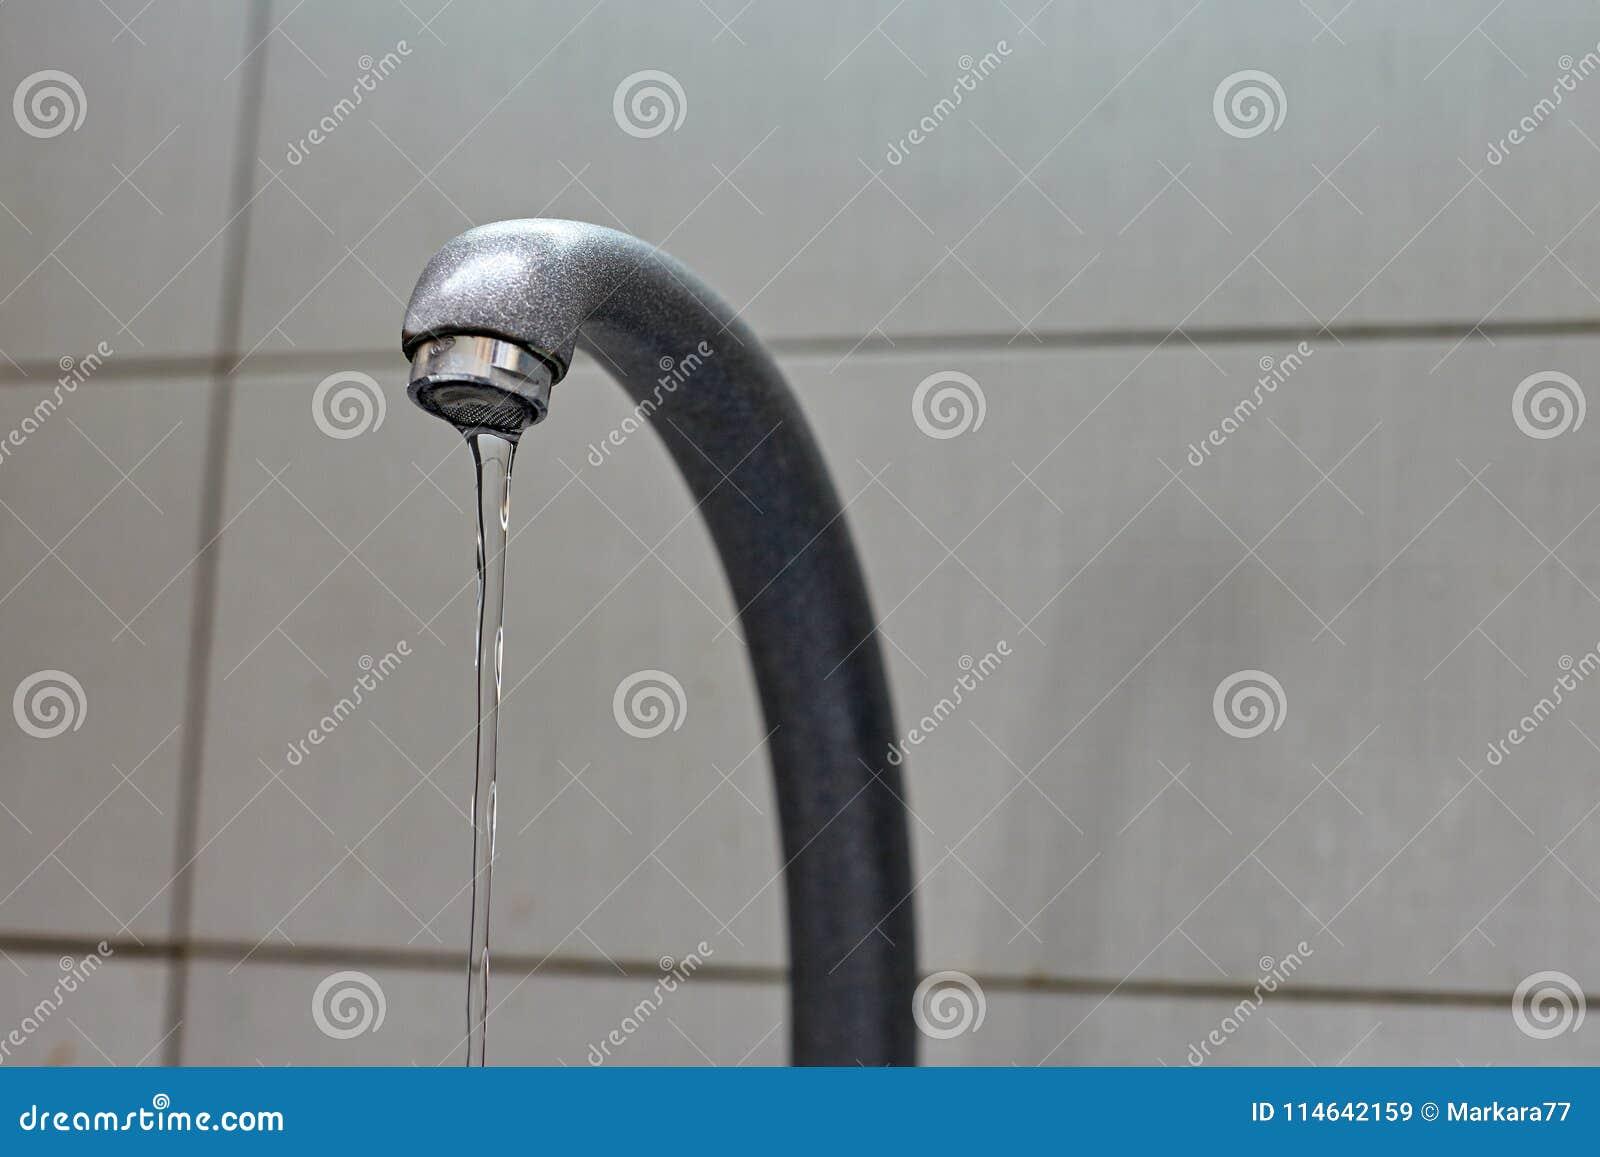 Водопроводный кран от faucet